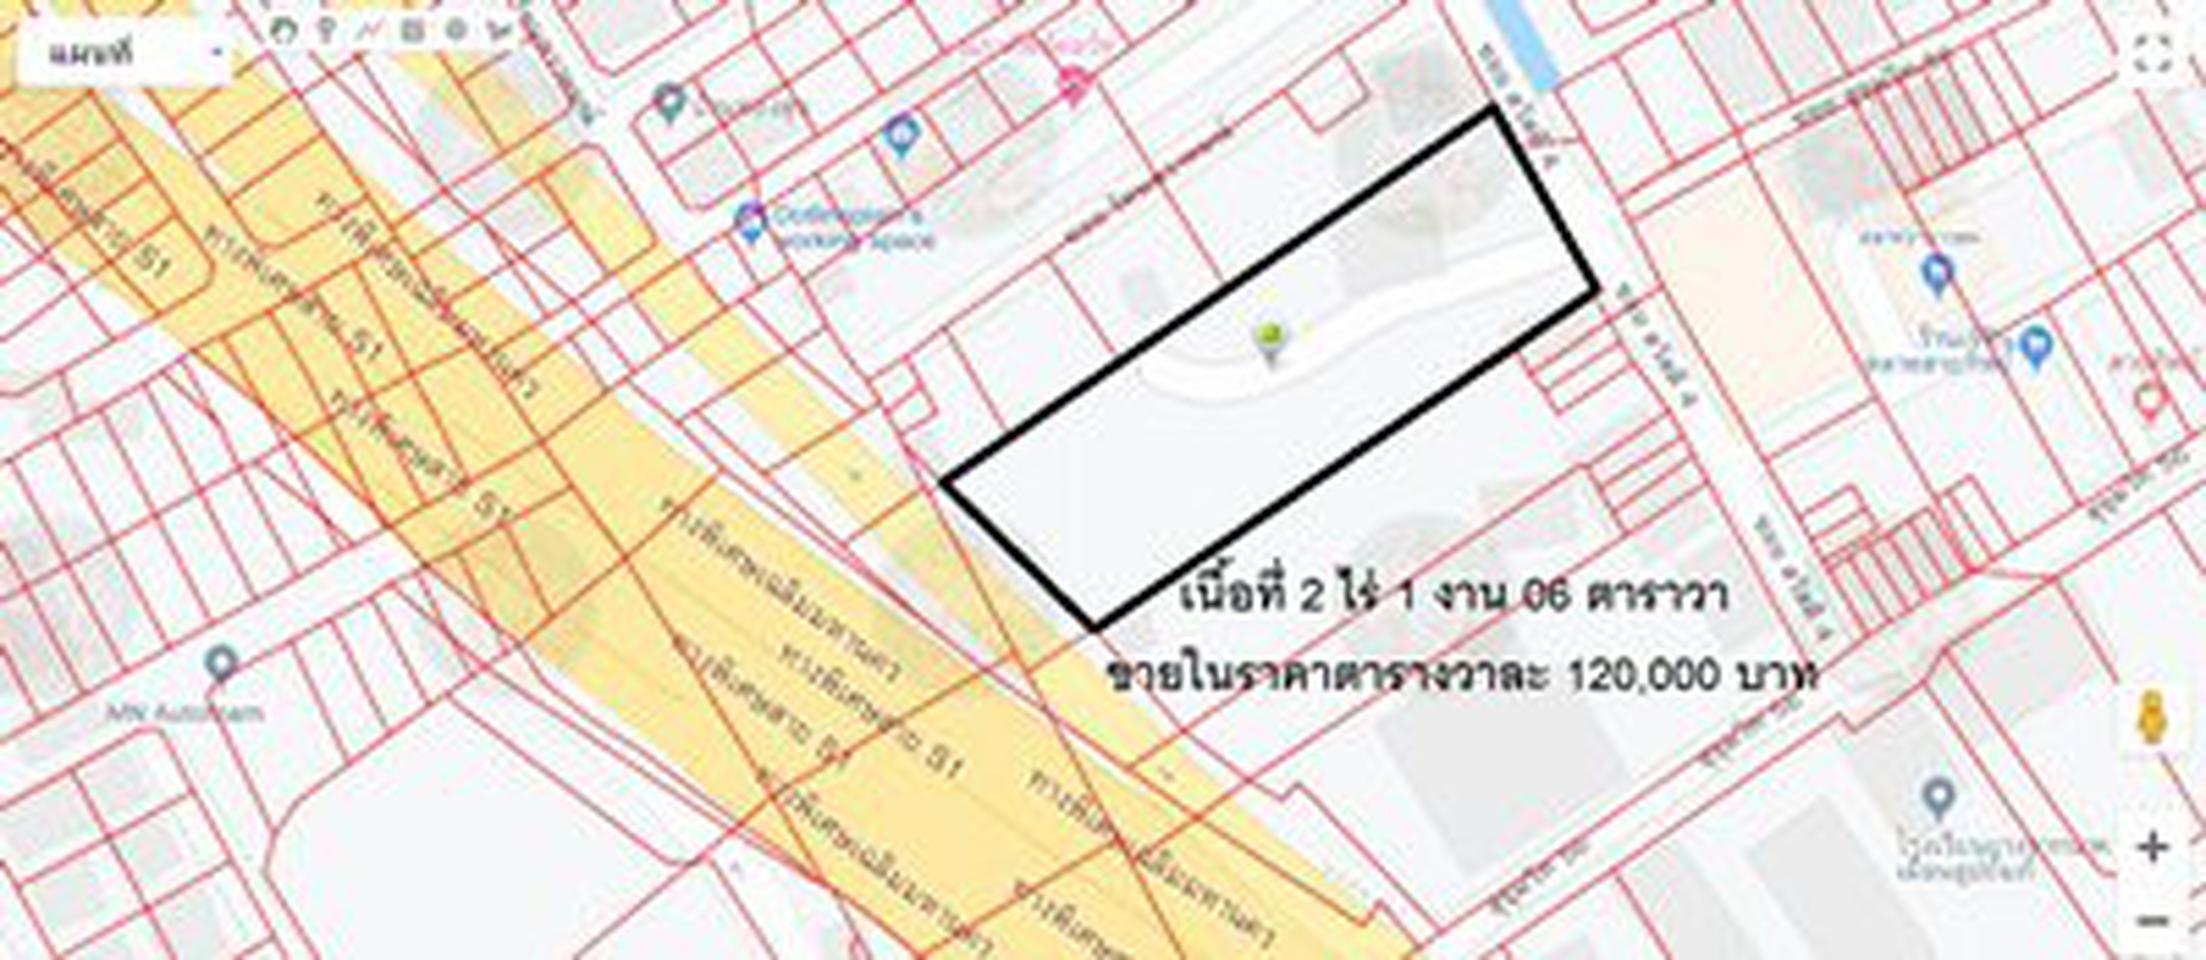 ขายที่ดินเปล่าถมแล้วในถนนสุขุมวิท กรุงเทพมหานคร รูปที่ 1